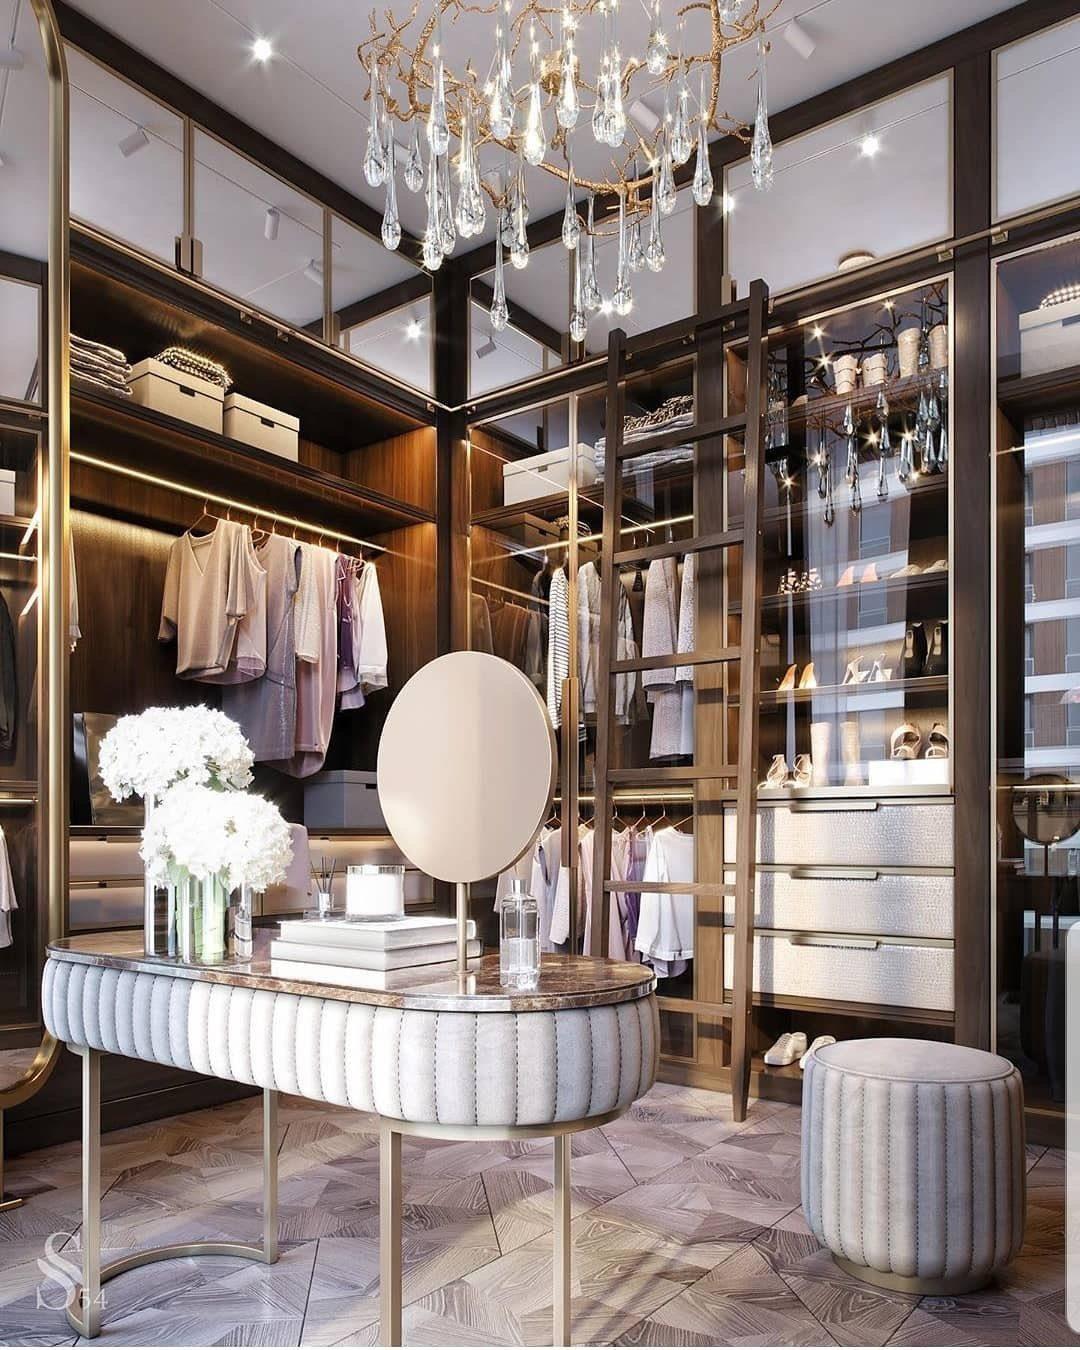 Планируйте свою гардеробную детально, используйте эффективно свободное пространство. И тогда гардеробная прослужит долгие годы, радуя Вас, своей вместительностью